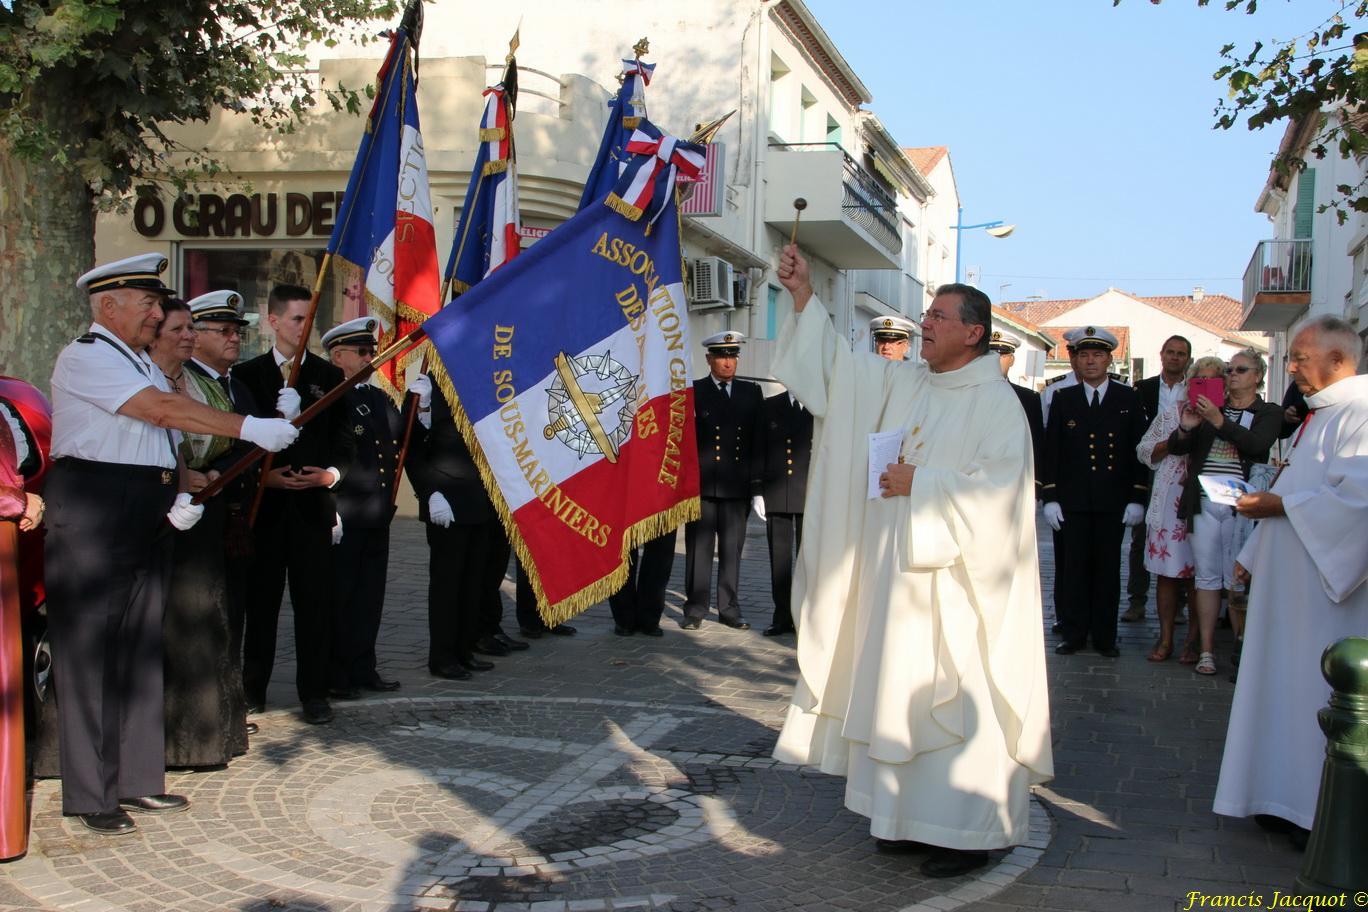 [ Associations anciens Marins ] 65 ème Congrès de l'AGSM 2016 au Grau du Roi 9683587818